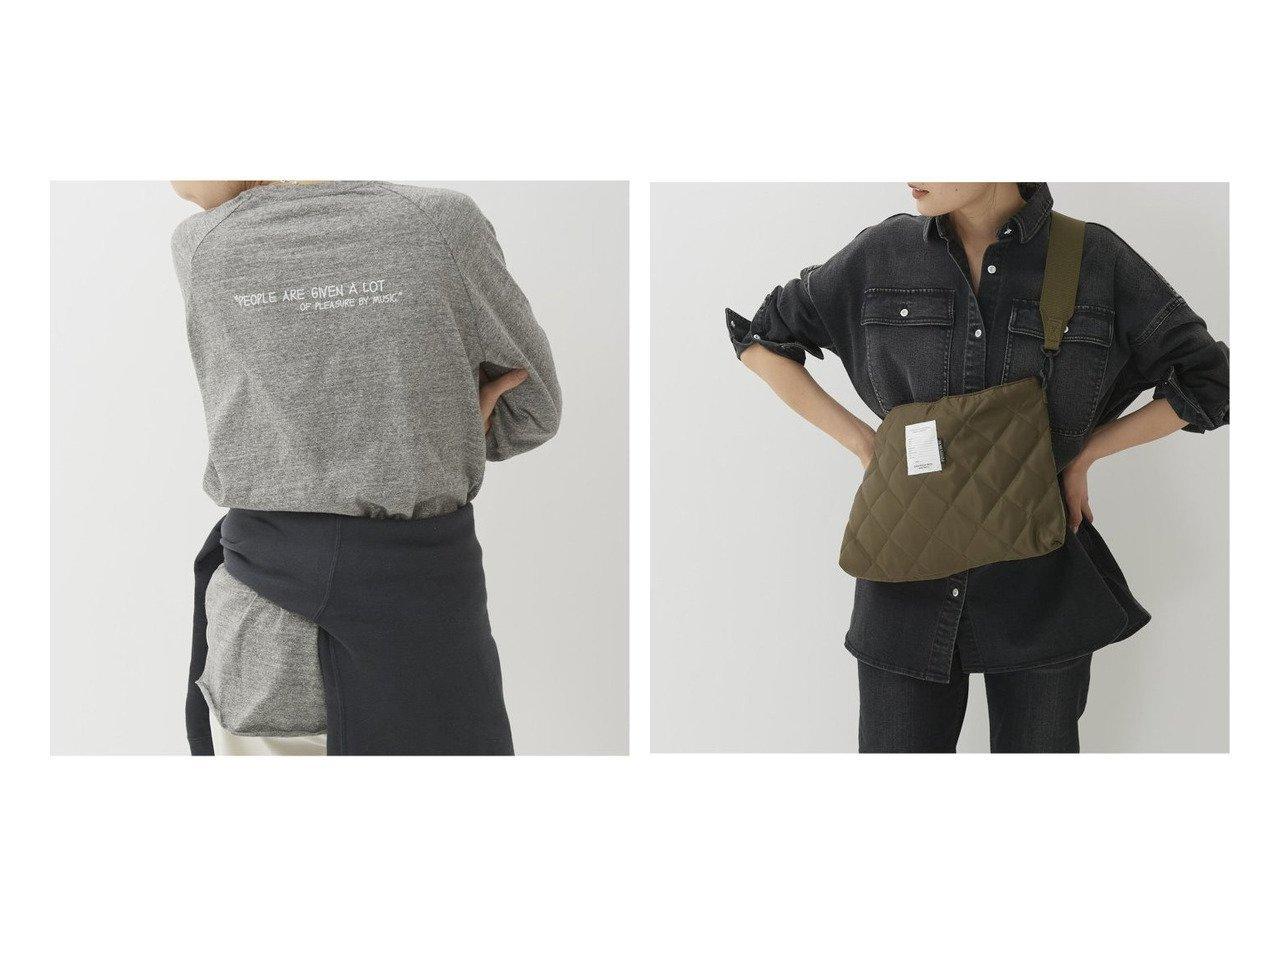 【Plage/プラージュ】の【ヘルシーデニム】SP DENIM BIG シャツ&BACK LOGO Tシャツ 【トップス・カットソー】おすすめ!人気、トレンド・レディースファッションの通販   おすすめで人気の流行・トレンド、ファッションの通販商品 メンズファッション・キッズファッション・インテリア・家具・レディースファッション・服の通販 founy(ファニー) https://founy.com/ ファッション Fashion レディースファッション WOMEN トップス・カットソー Tops/Tshirt シャツ/ブラウス Shirts/Blouses ロング / Tシャツ T-Shirts カットソー Cut and Sewn 2021年 2021 2021春夏・S/S SS/Spring/Summer/2021 S/S・春夏 SS・Spring/Summer カットソー シンプル 再入荷 Restock/Back in Stock/Re Arrival デニム 人気 |ID:crp329100000026583